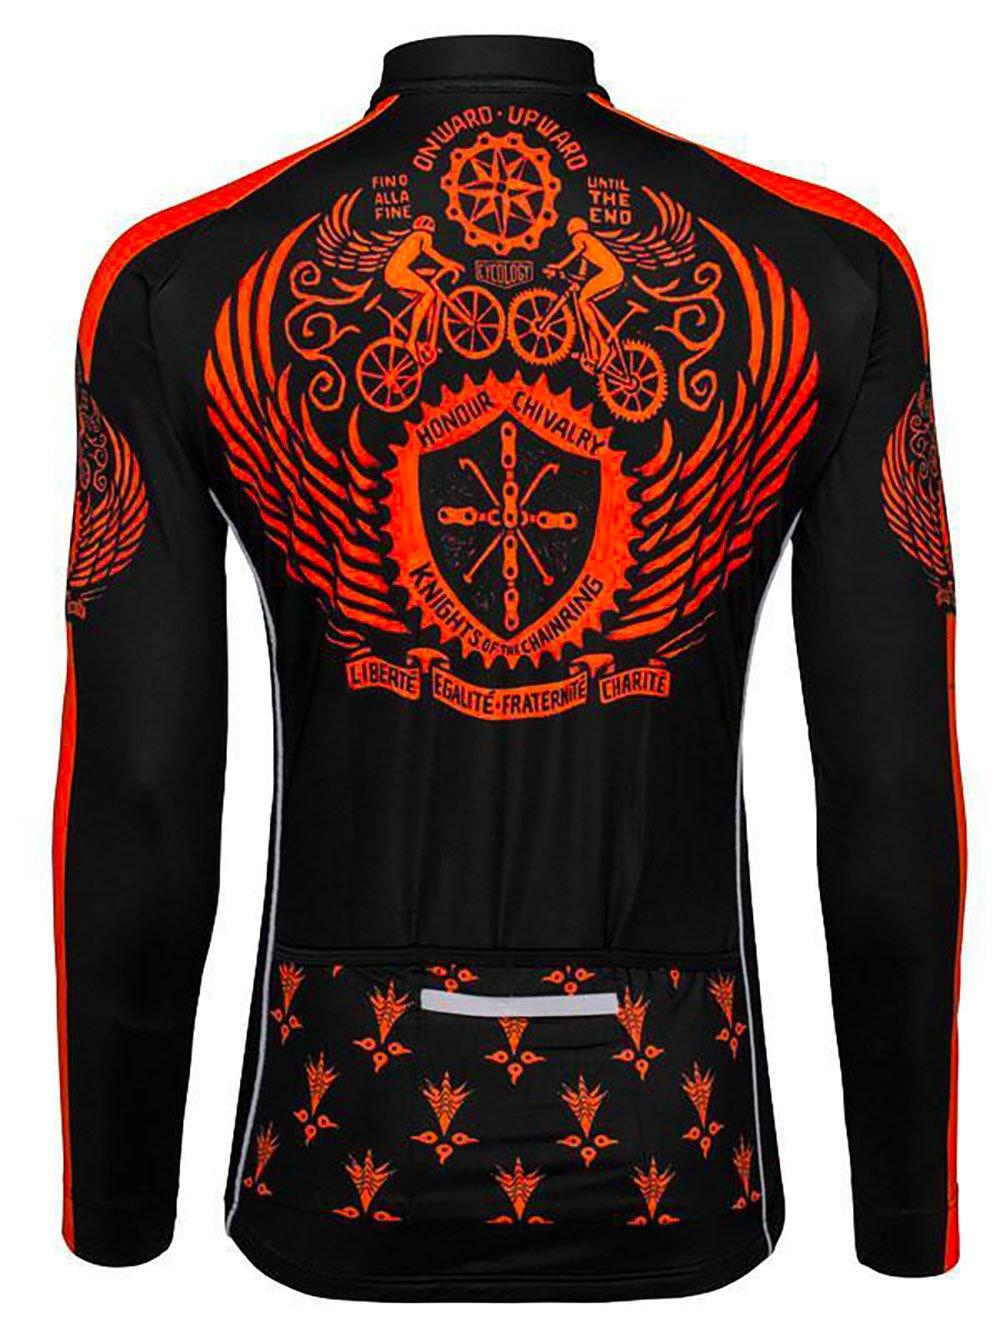 Découvrez Cyclology, une marque de vêtements dédiée au vélo